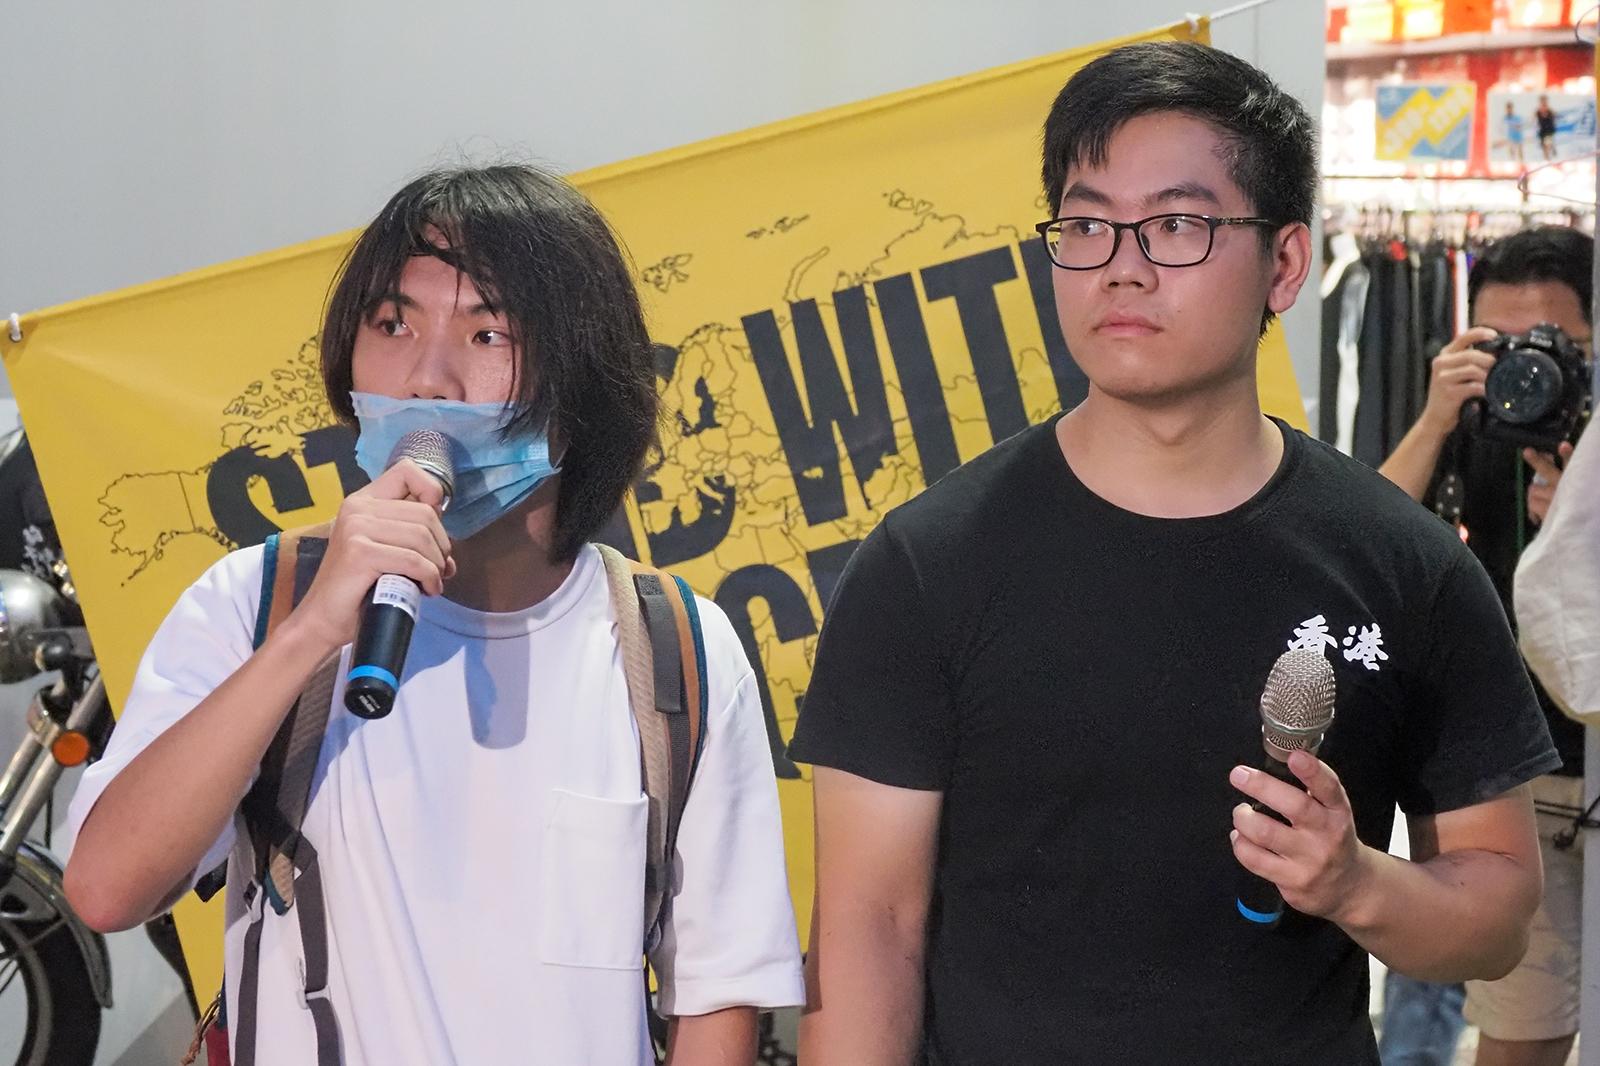 2020年8月31日,活動主辦人(左)和主持人(右)保持低調,不願透露身分。(鍾廣政 攝)